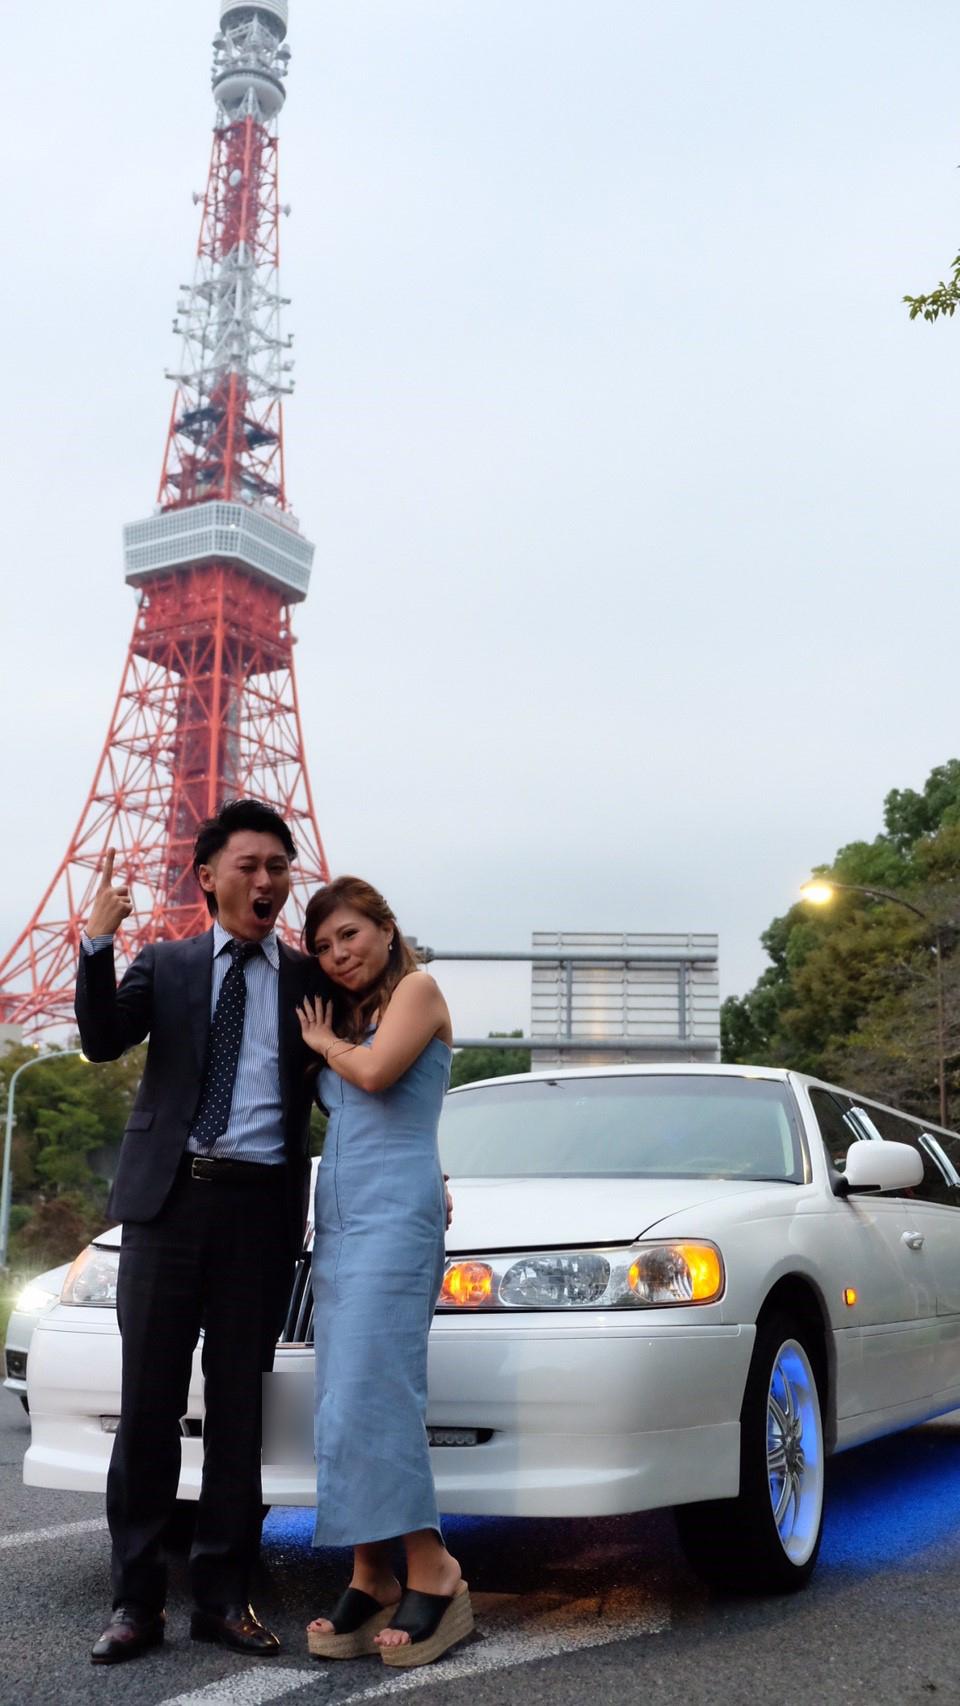 東京のシンボルがと記念撮影